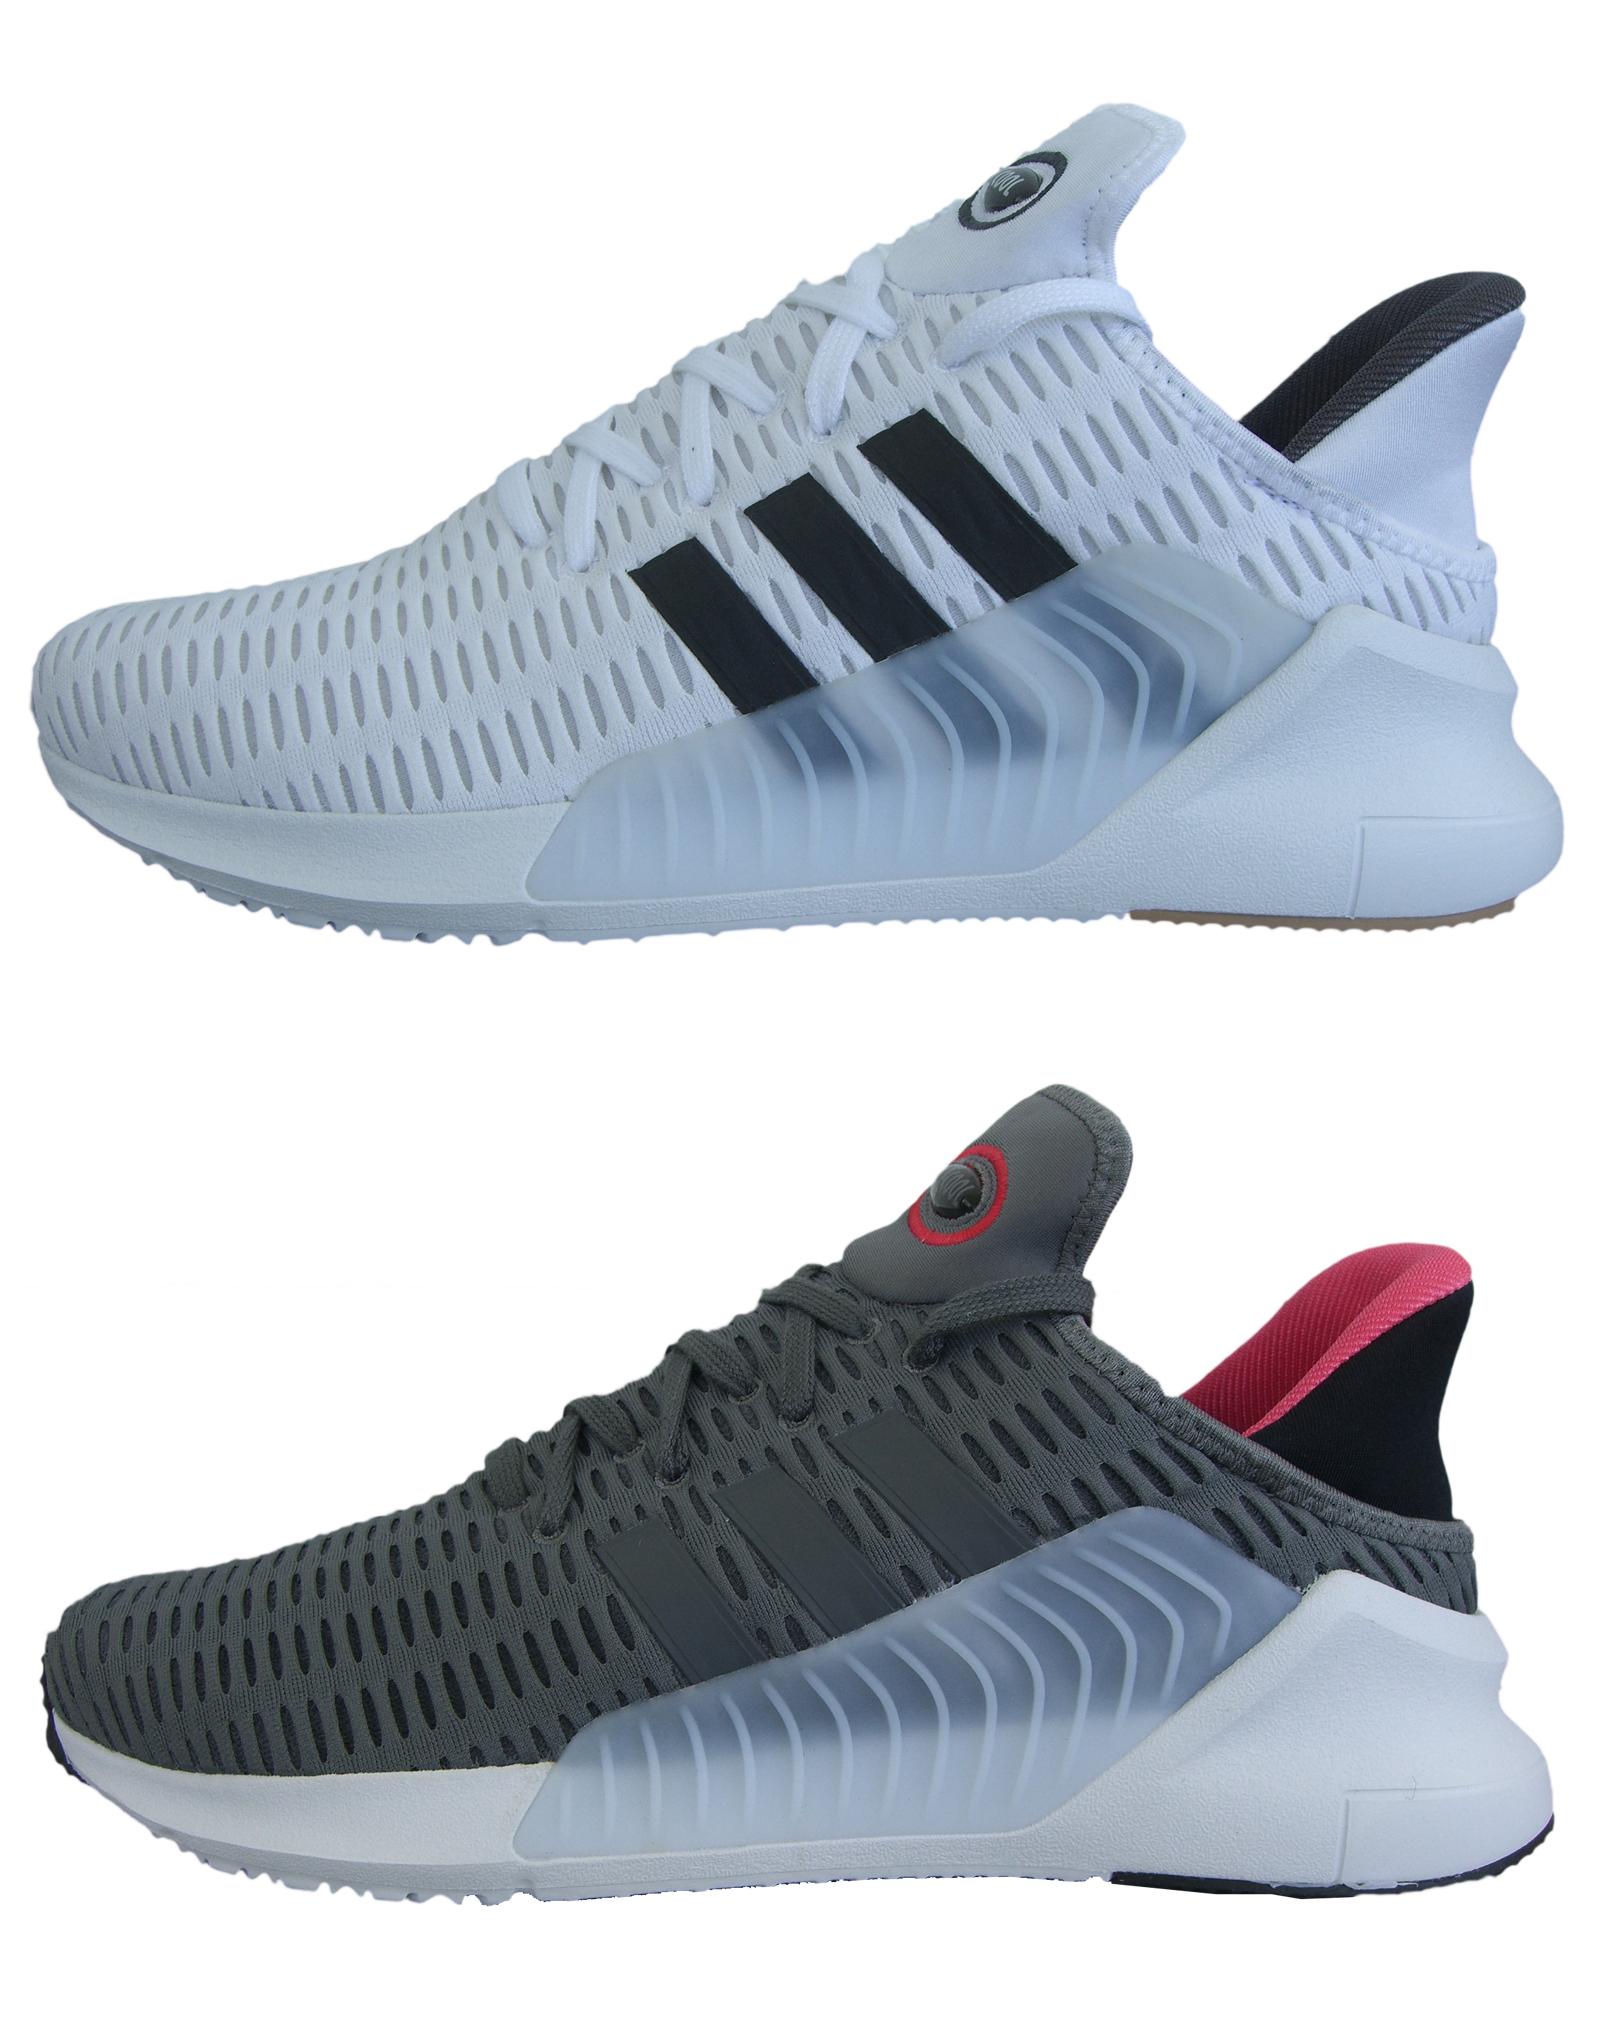 Adidas Climacool 0217 Sneaker Herren Originals Schuhe | eBay